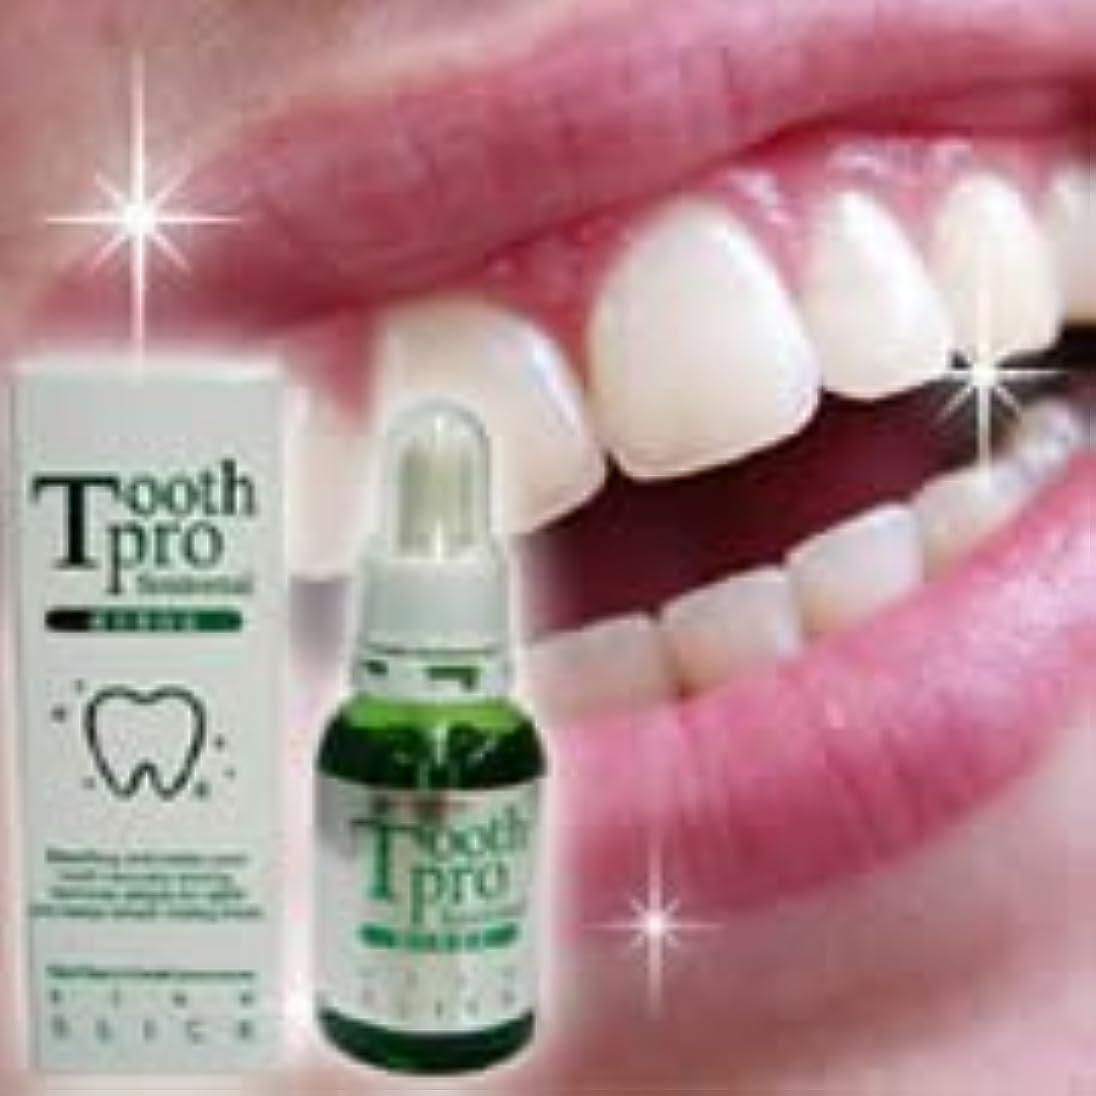 士気プロテスタント実際のトゥース プロフェッショナル 20ml ×2個セット (tooth professional)